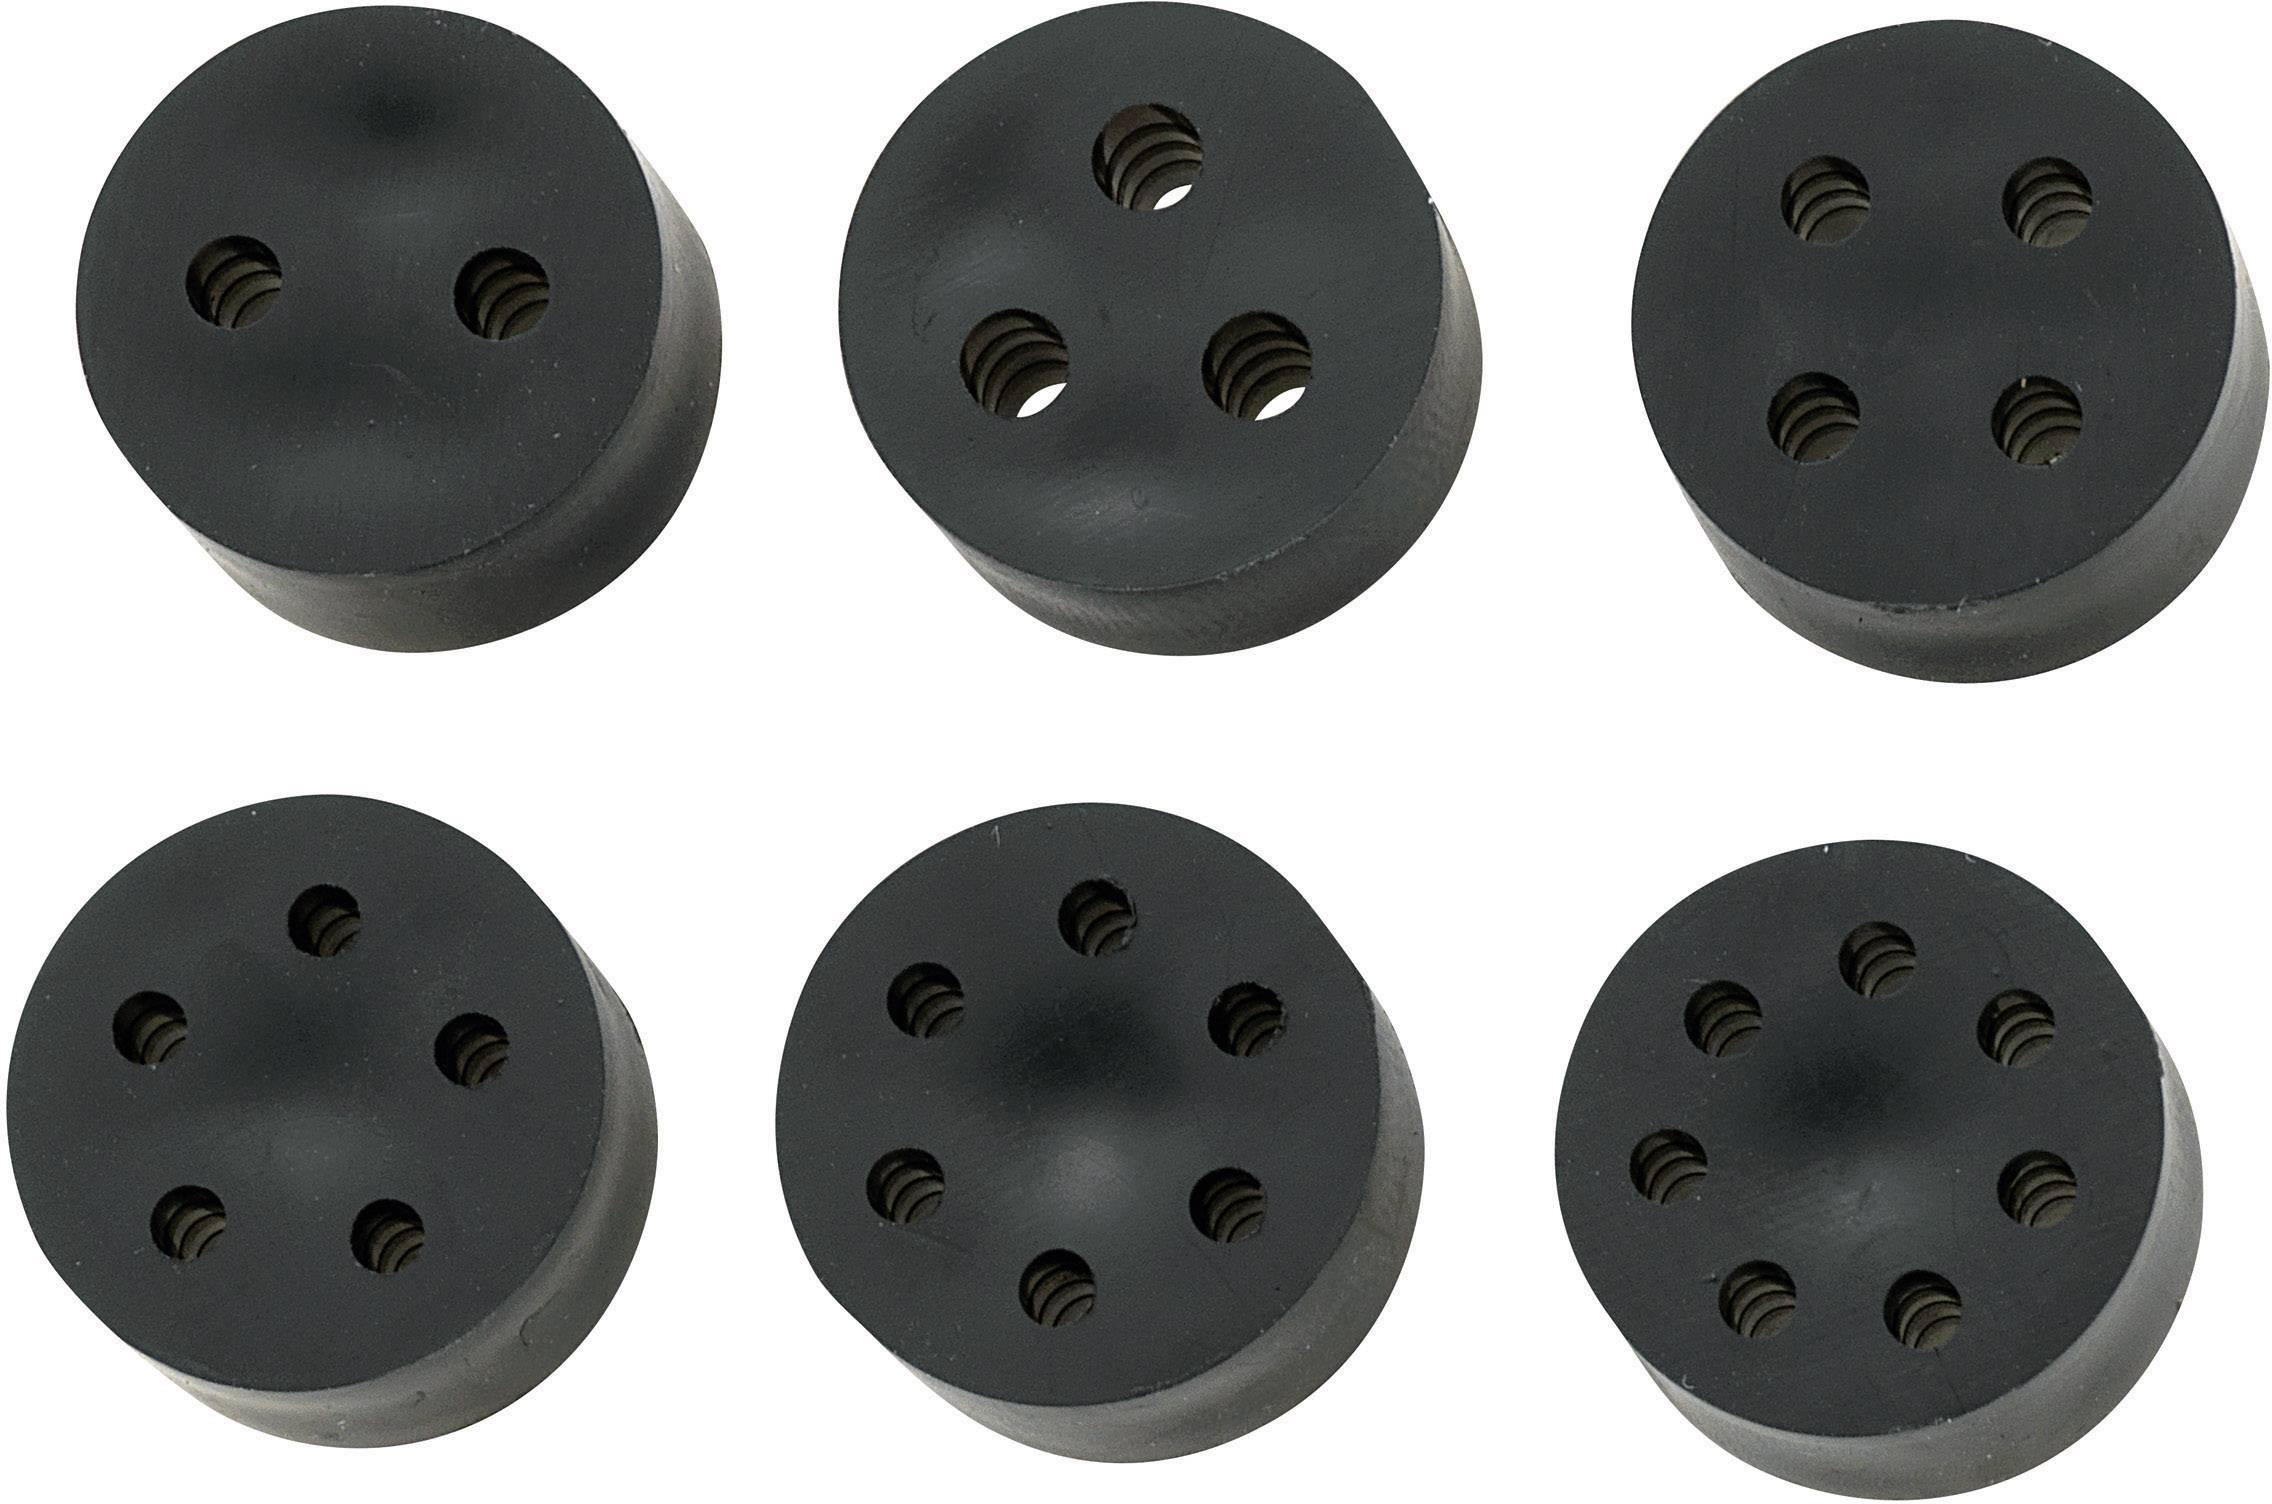 Tesniaca vložka s viacerými priechodmi KSS MH42-4A, PG36, guma, 1 ks